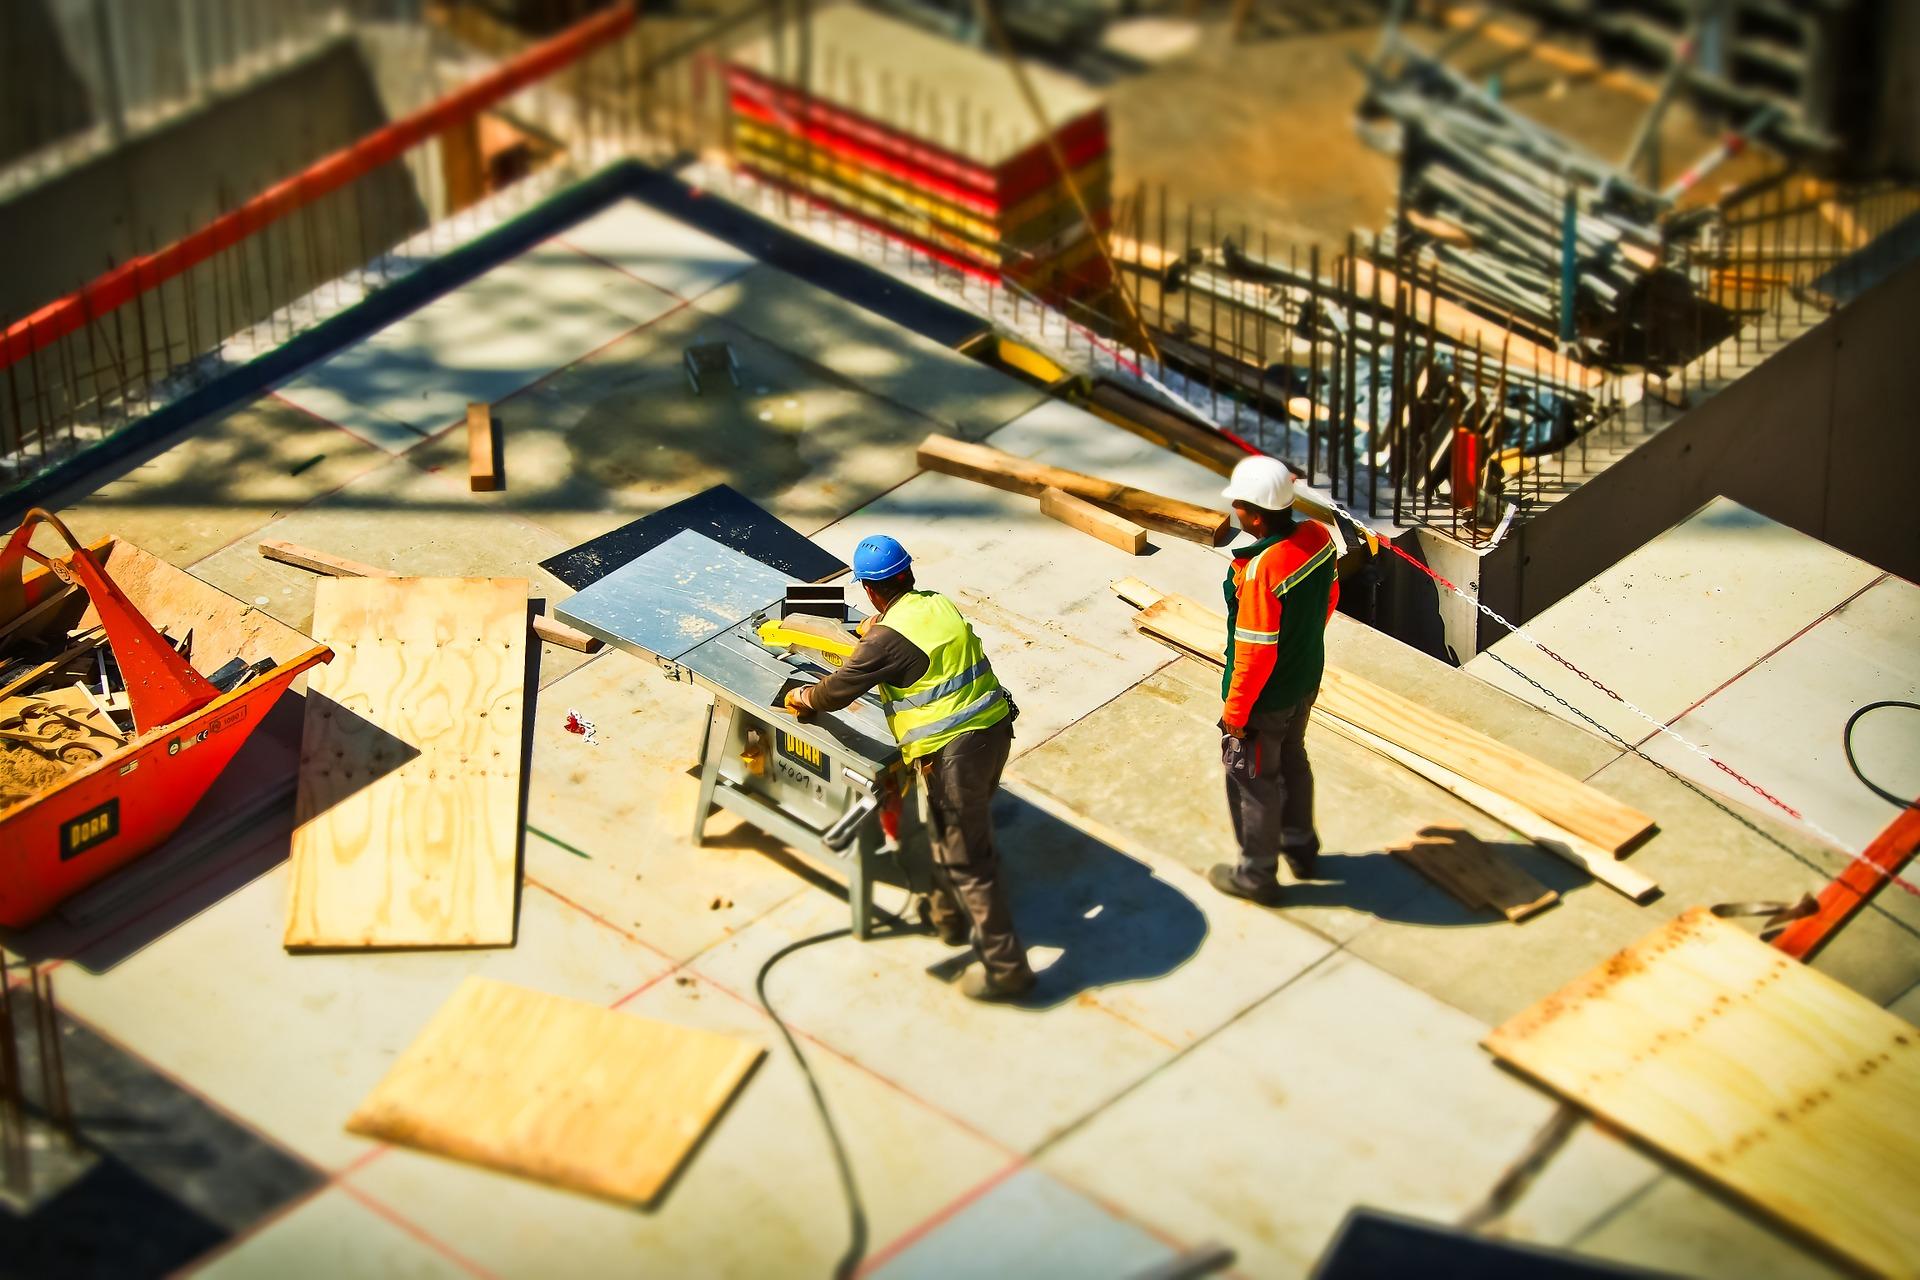 Az építőipari vállalkozások online felületen jelezhetik a hiánytermékeket